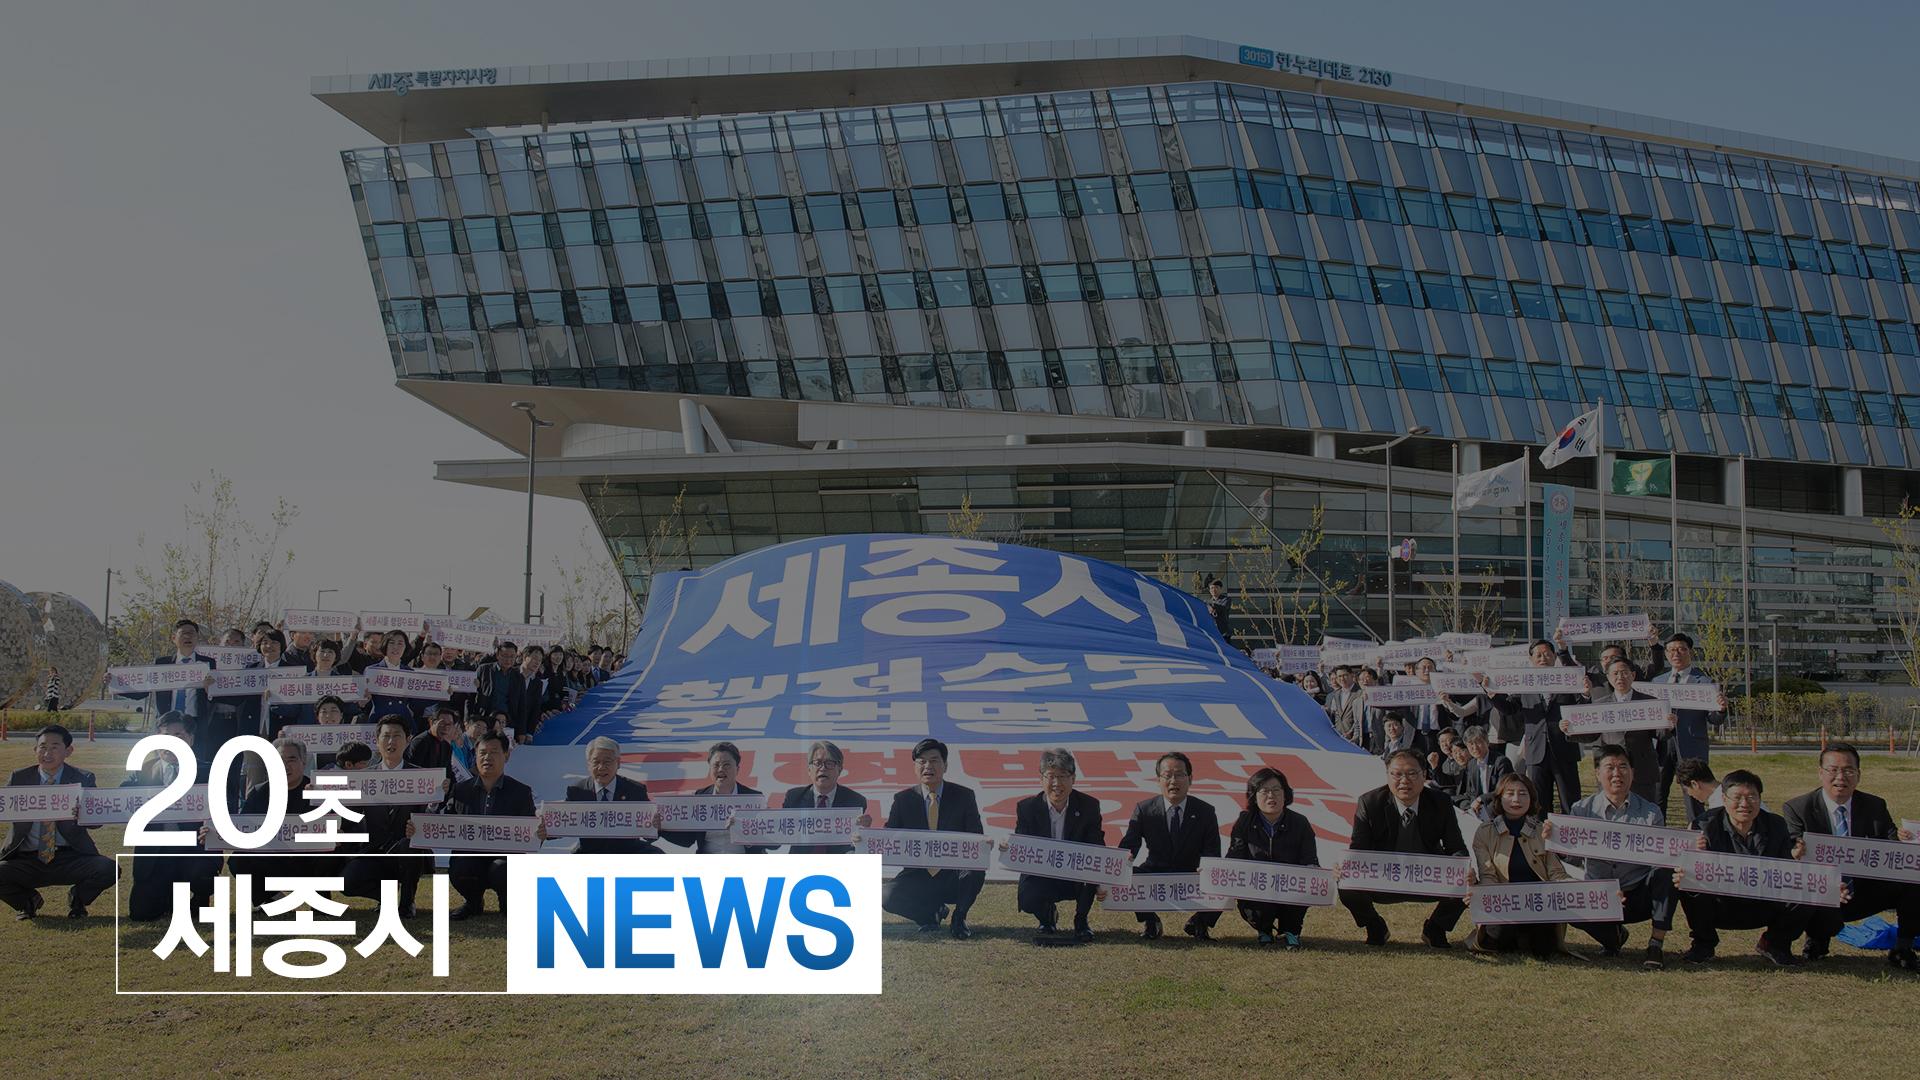 <20초뉴스> 세종시, 행정수도 명문화 촉구 결의대회